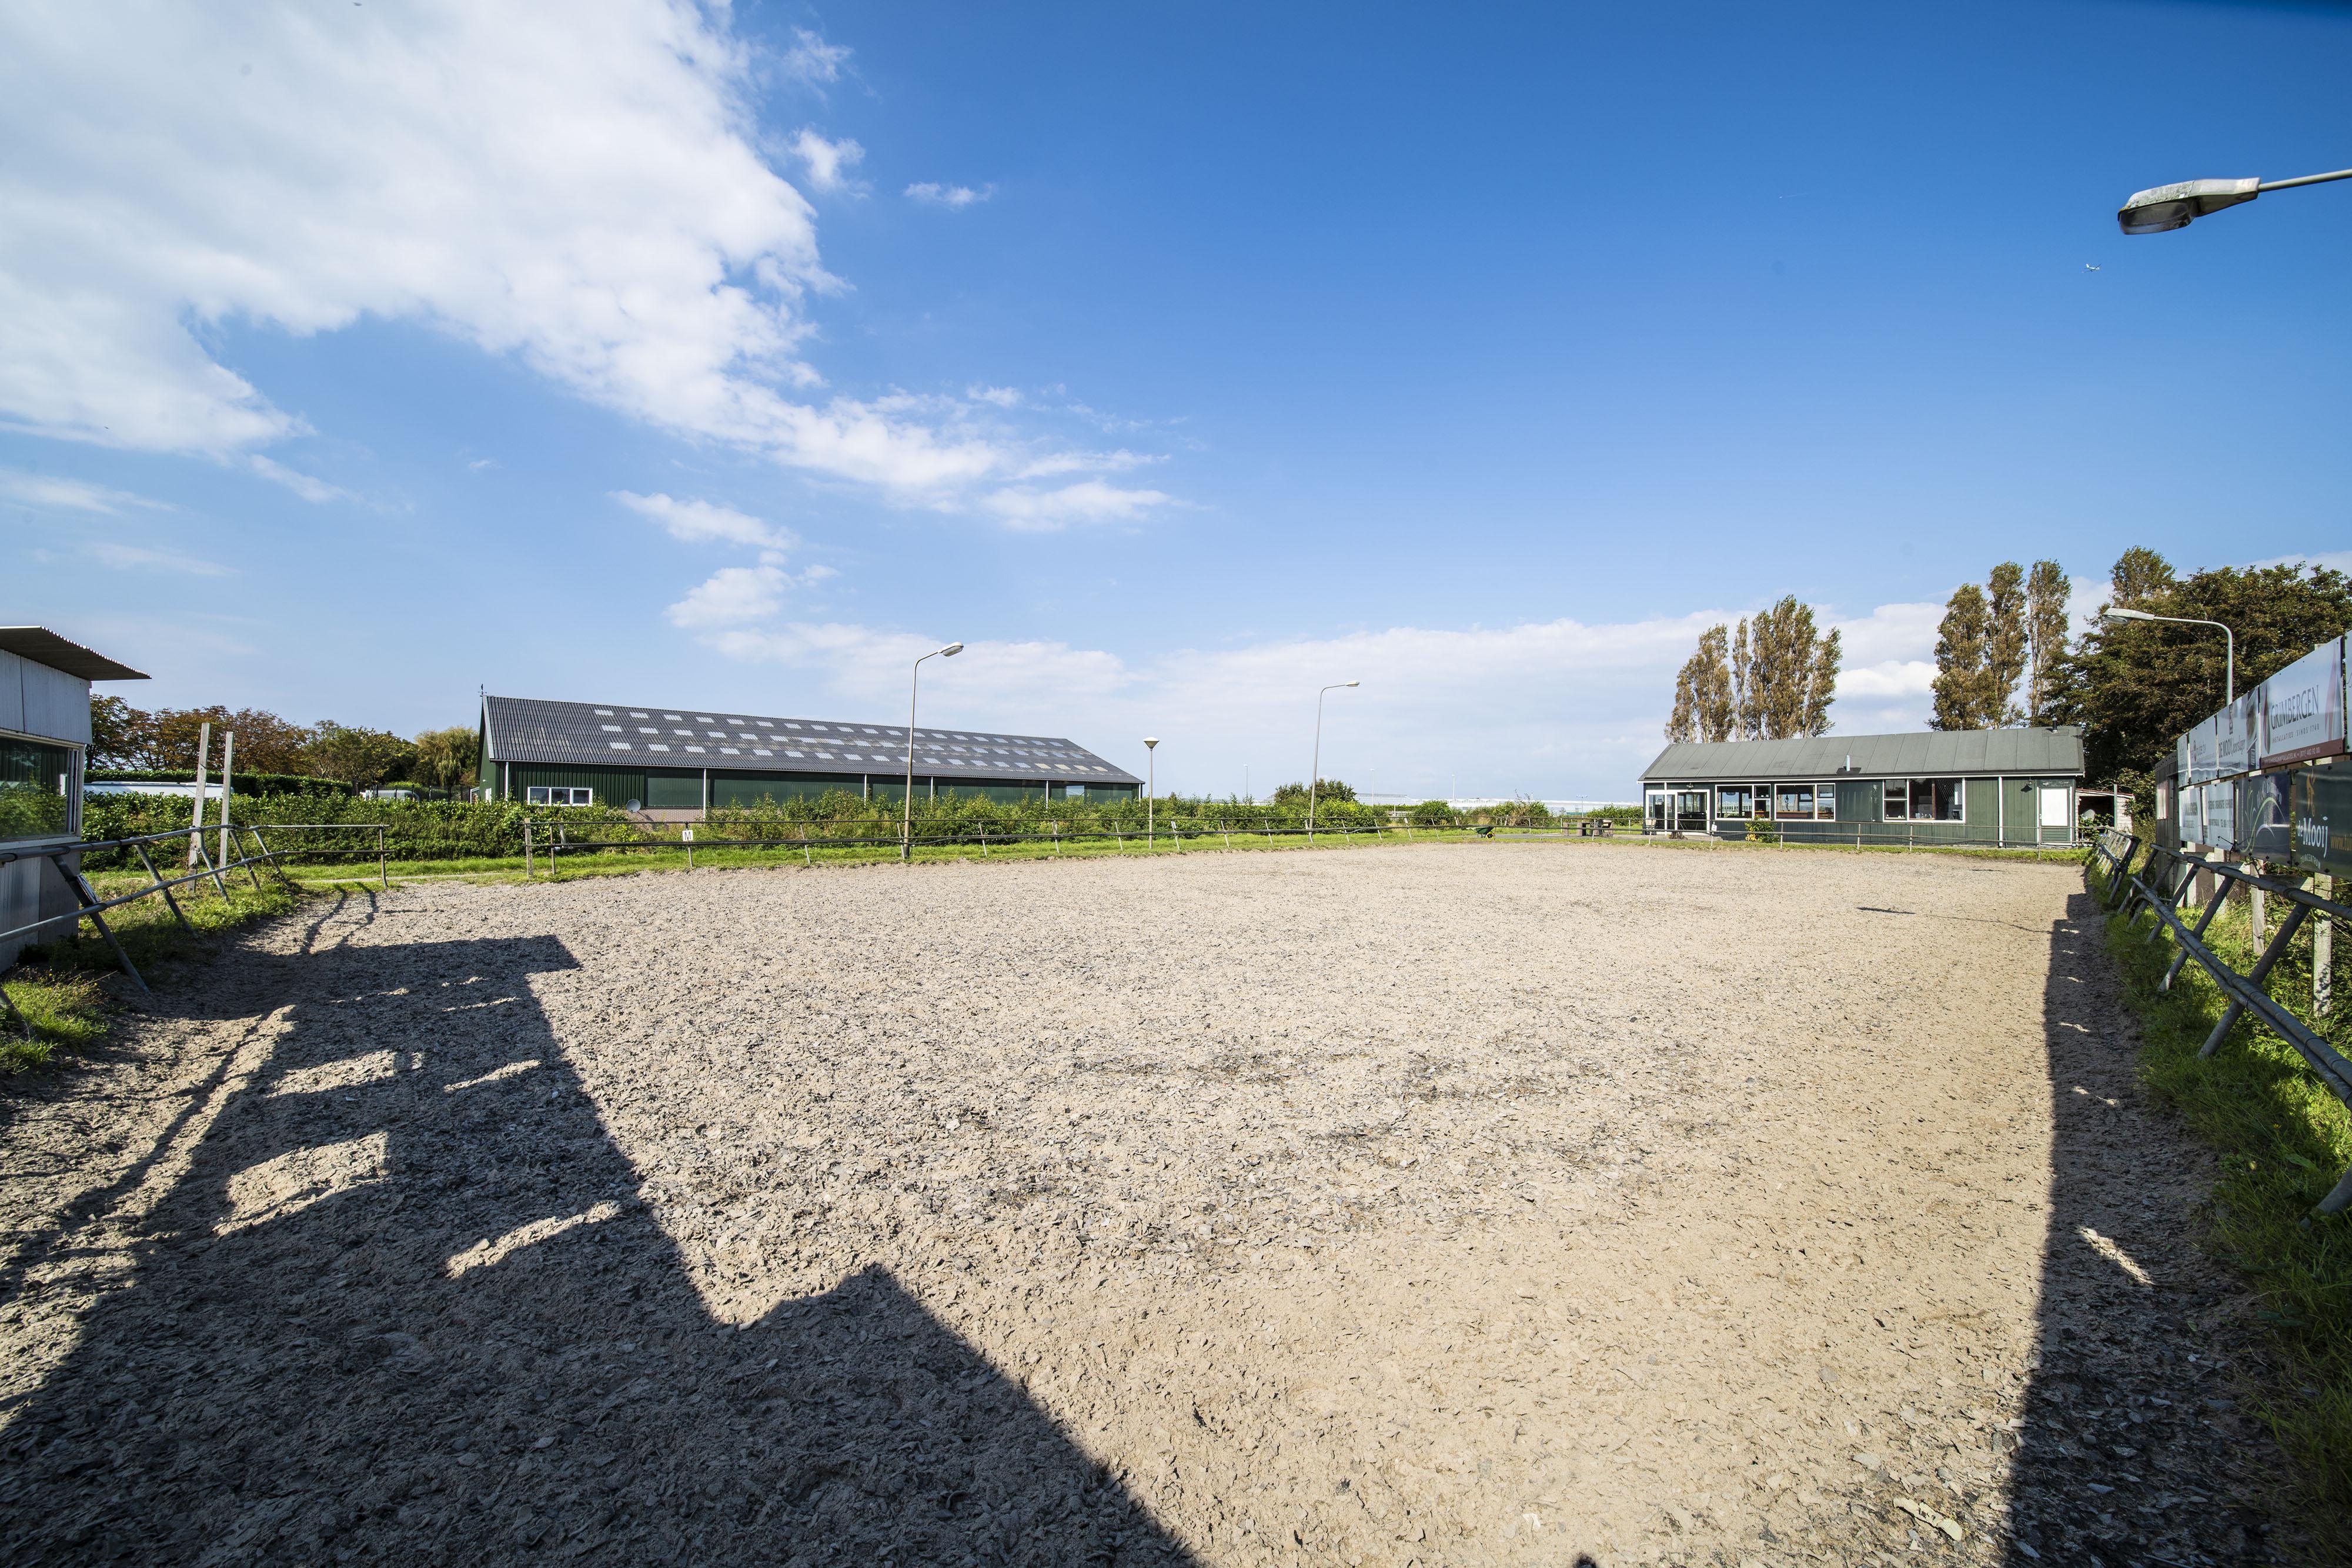 Rijnsburgse paardrijvereniging De Burchtruiters krijgt vlak voor ontruiming van manege nieuwe plek aangeboden: 'Er zit in elk geval beweging in'